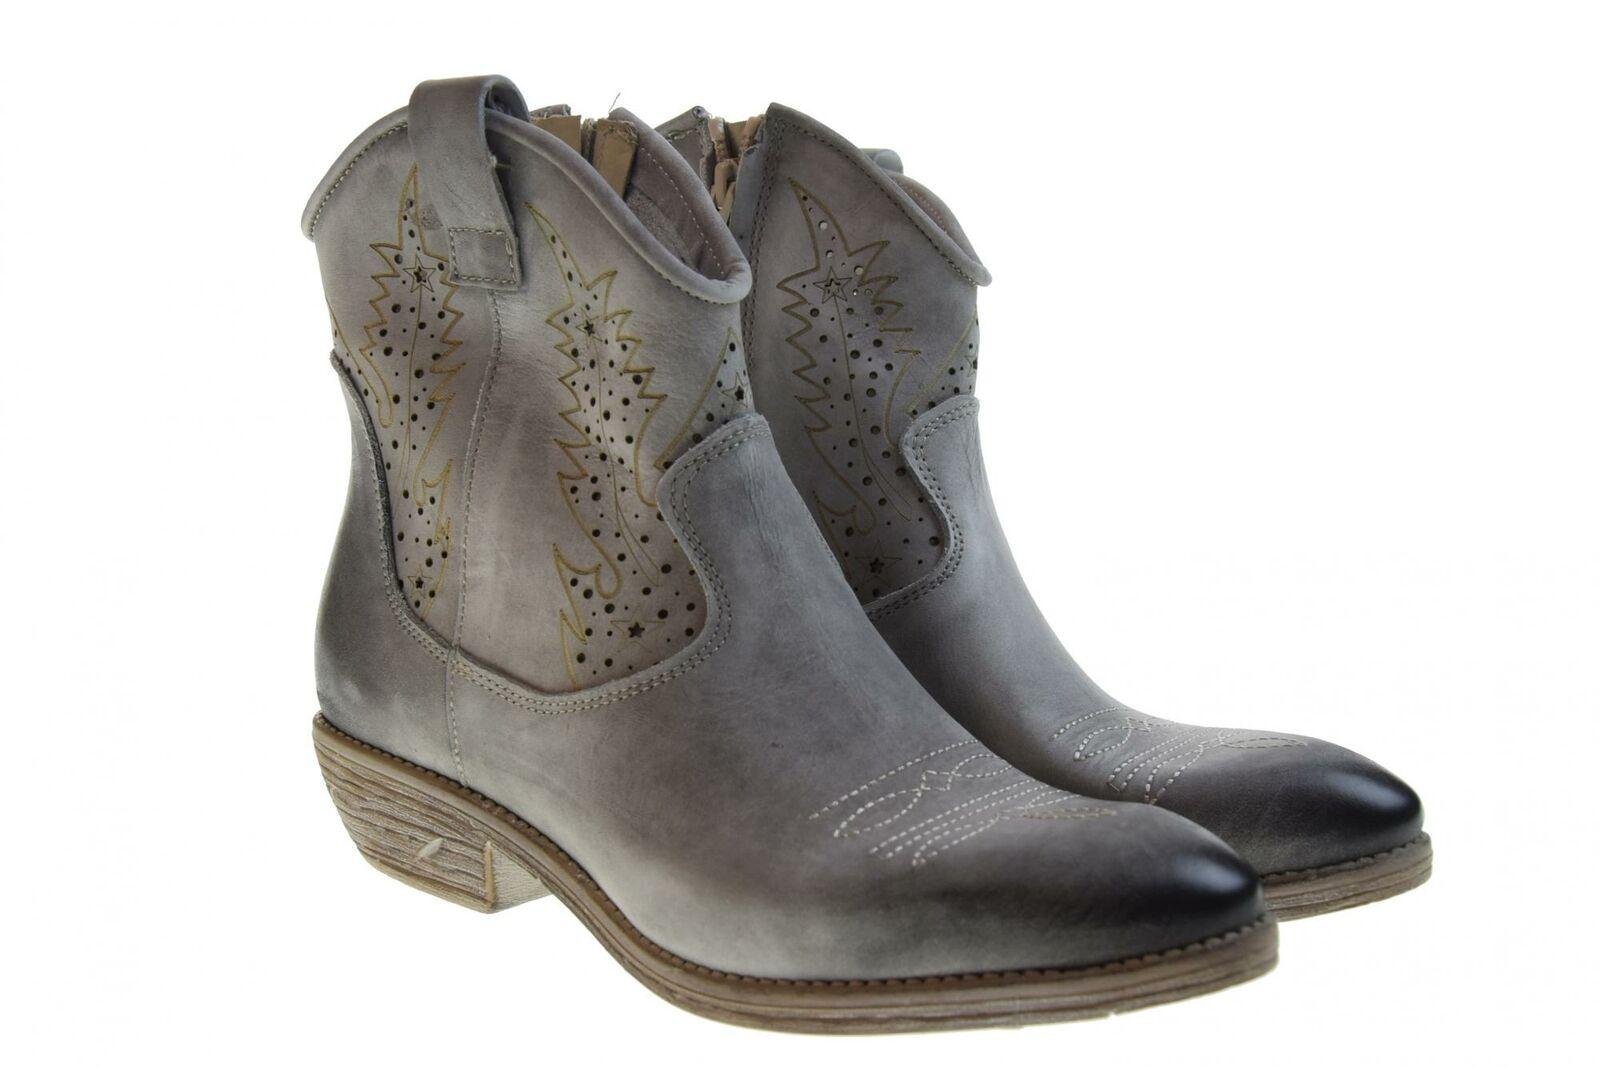 Erman's p19g Zapatos señora méxico gris Texan botas